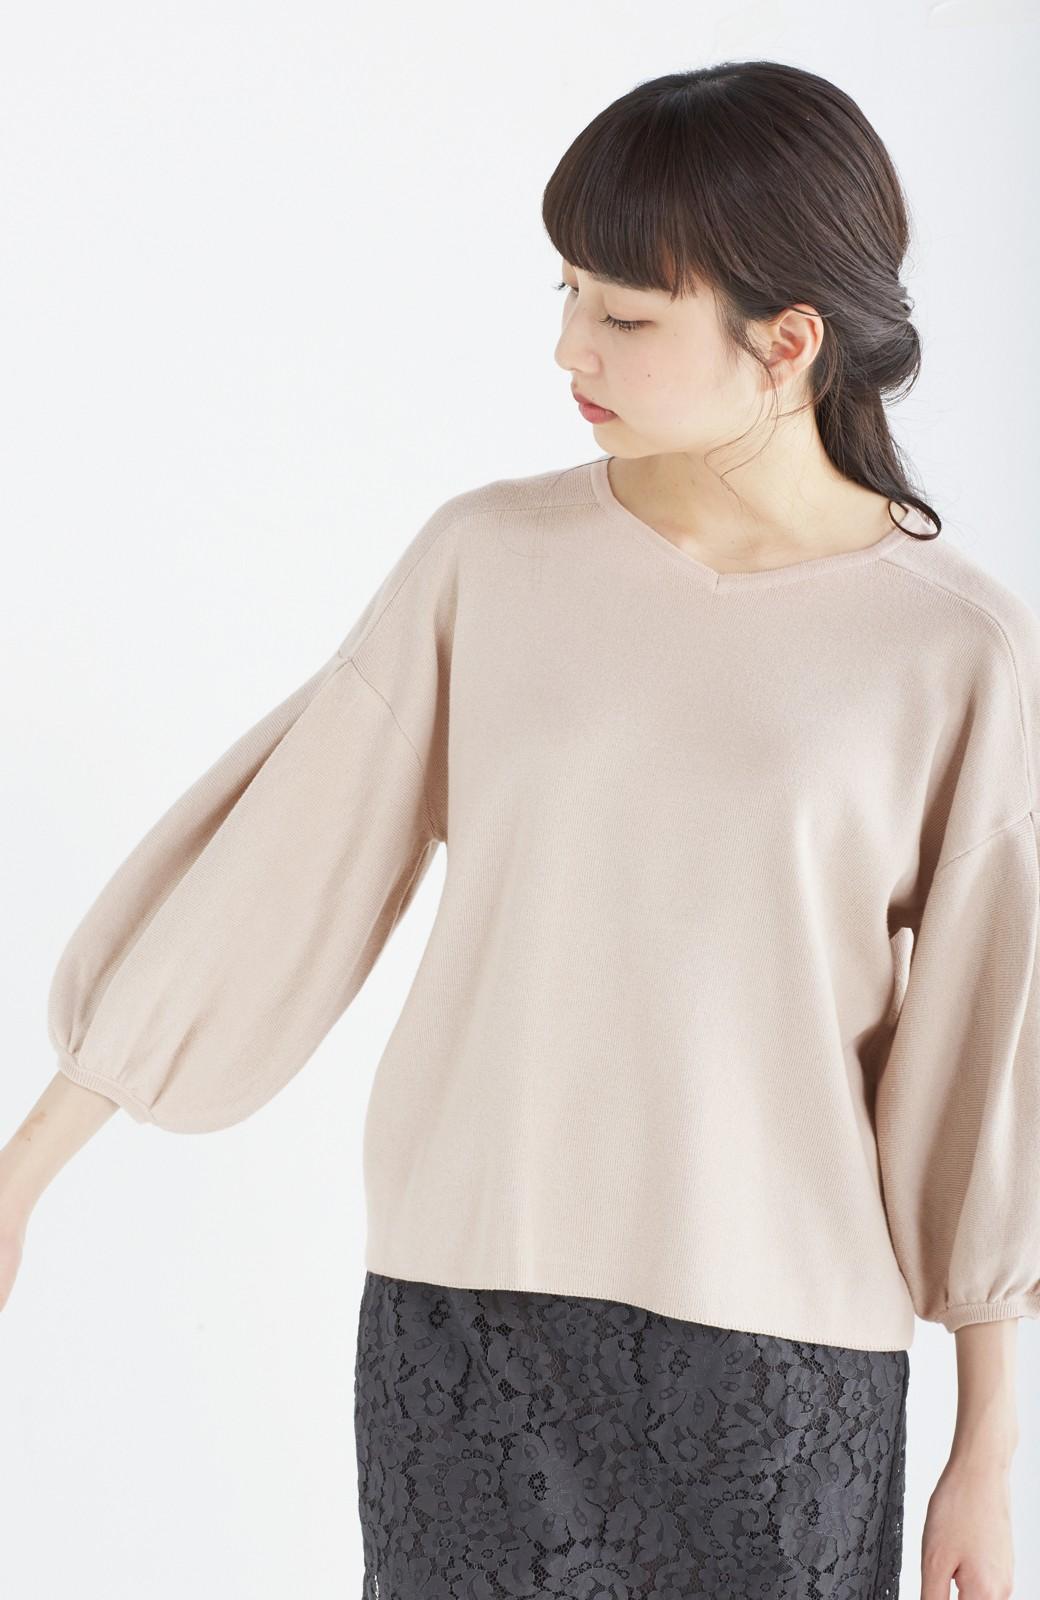 エムトロワ パッと着るだけで上品&今気分 きれいめ総針編みのぷっくり袖ニット <ベージュ>の商品写真12